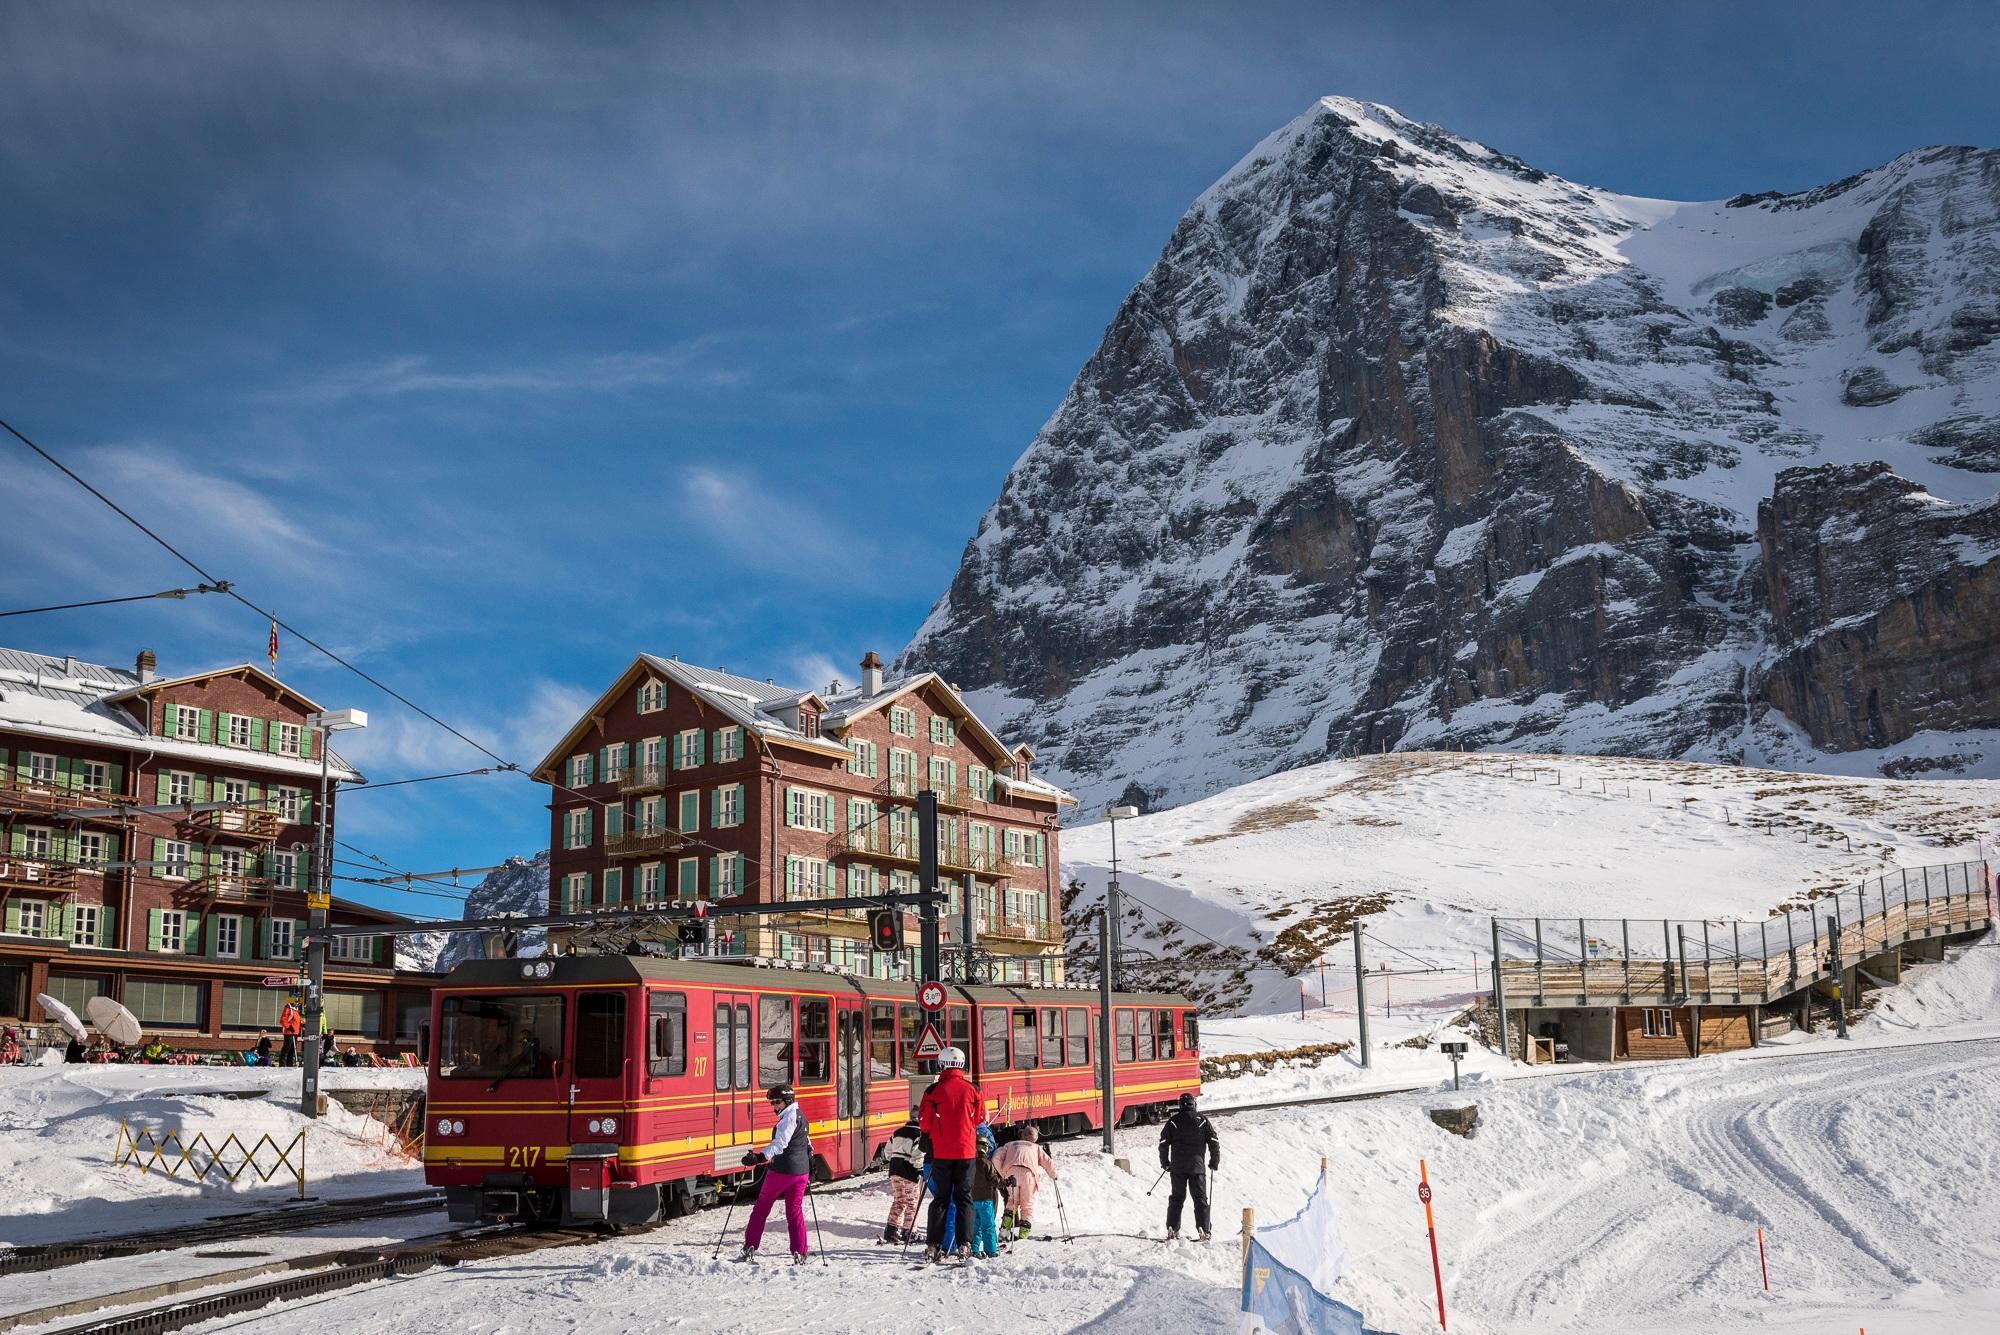 jungfraujoch-kleine-scheidegg-jungfraubahnen-winter